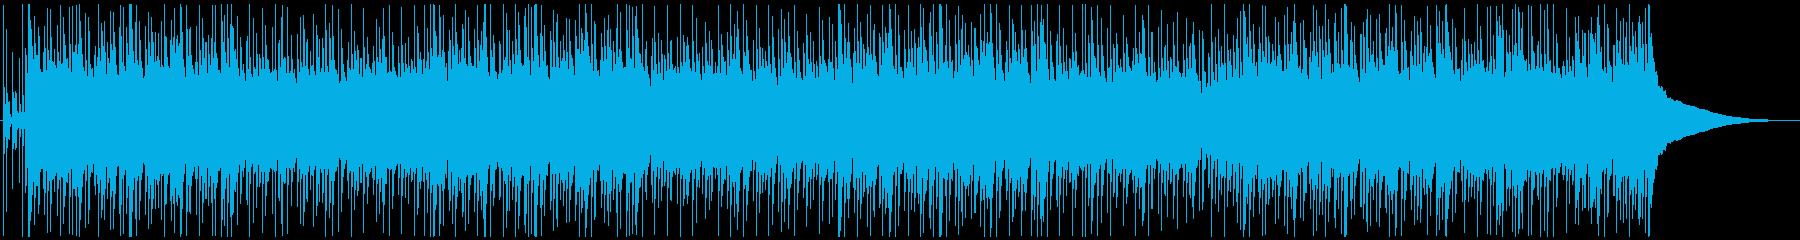 アコギで優しく透明な空気感のアンビエントの再生済みの波形